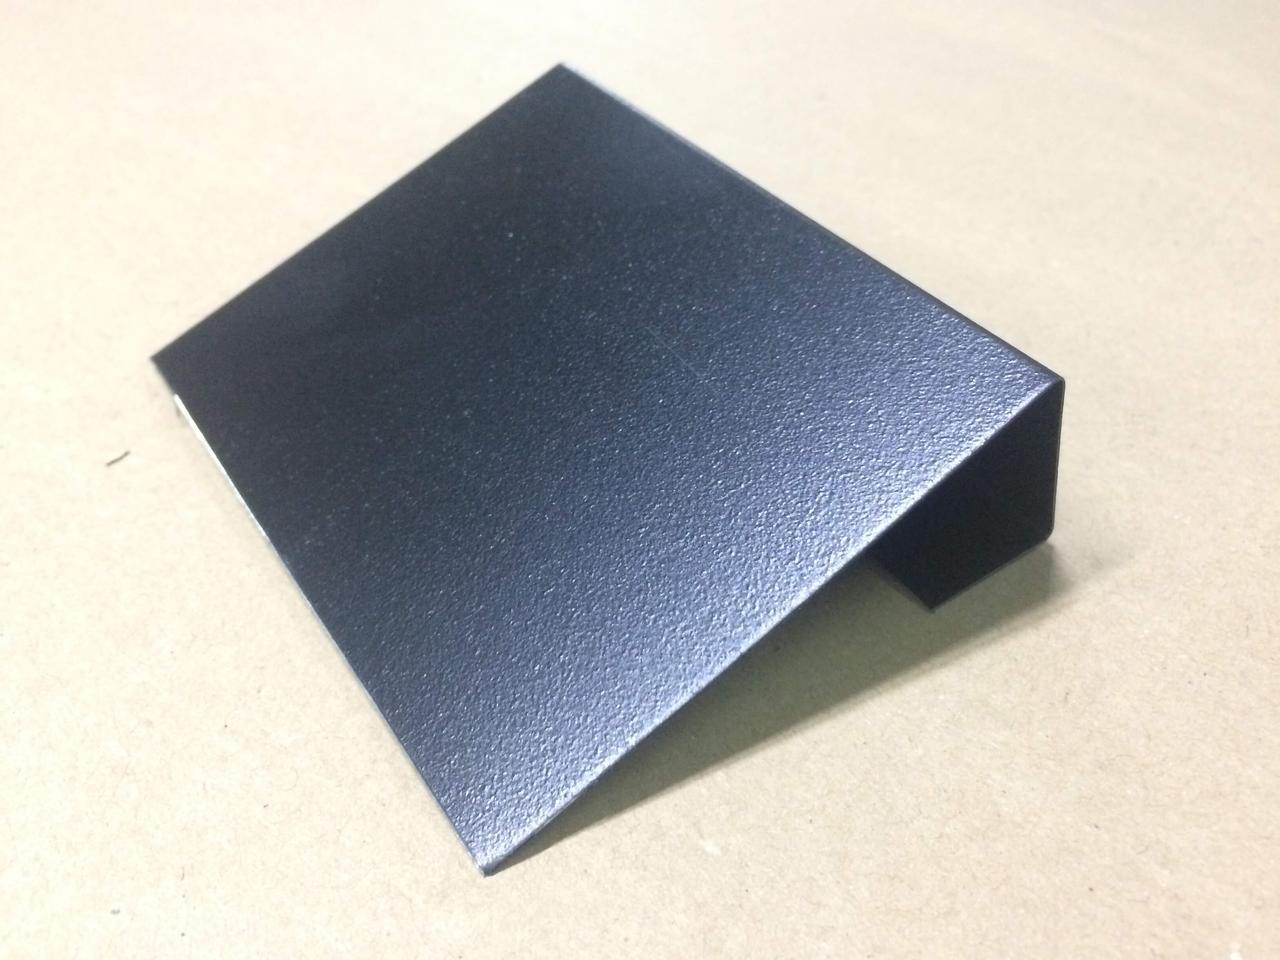 Ценник меловой металлический с подставкой для надписей мелом и маркером черный